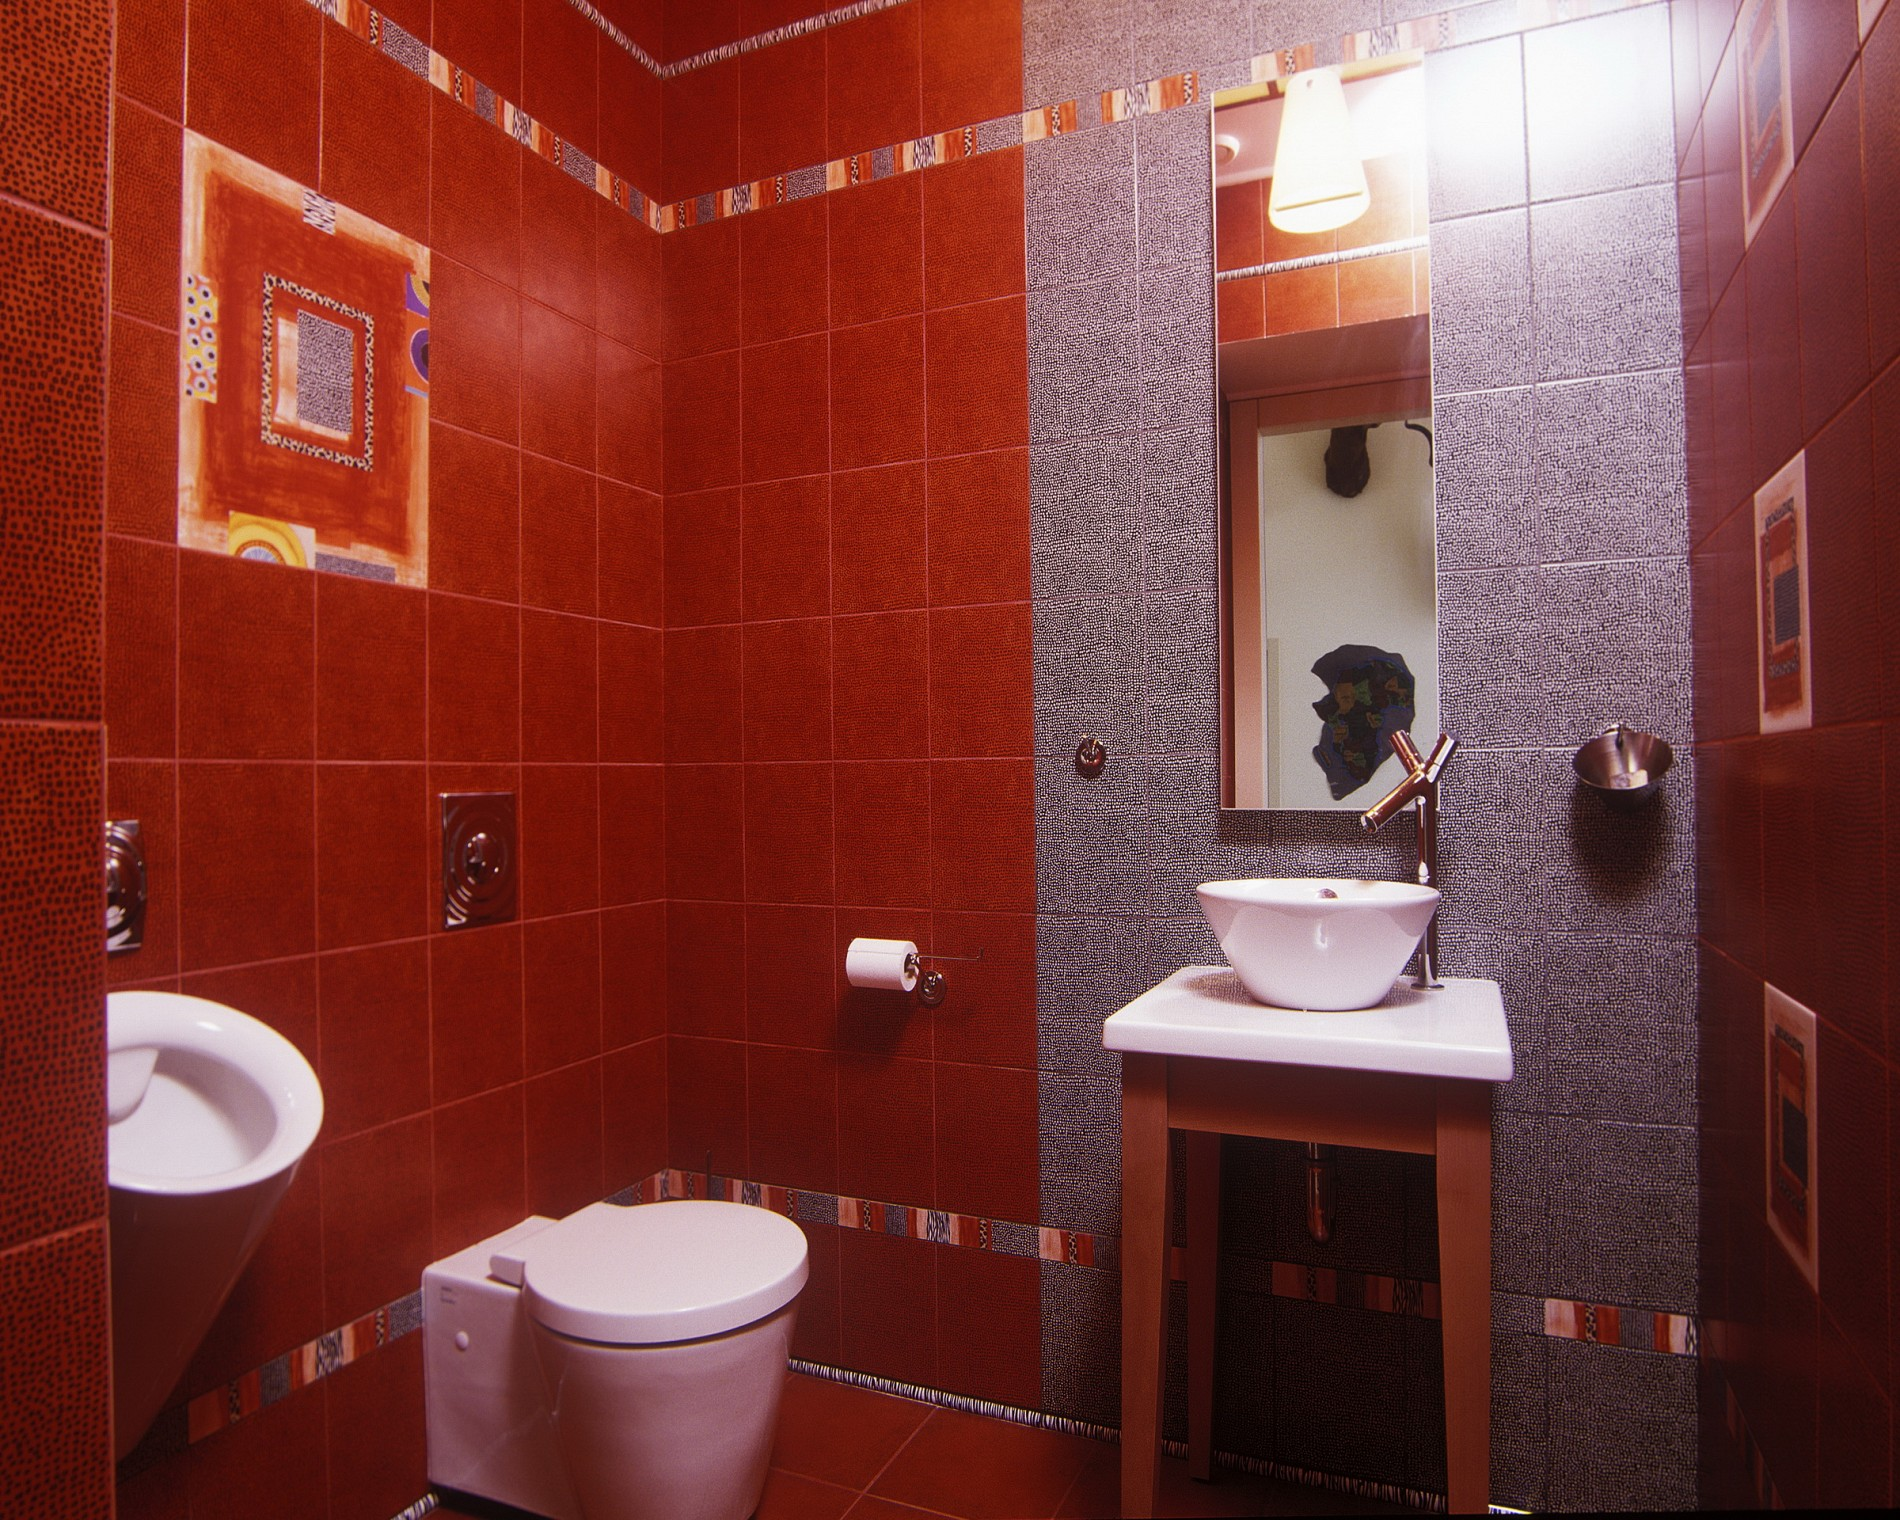 Санузел в современном стиле в красной плитке